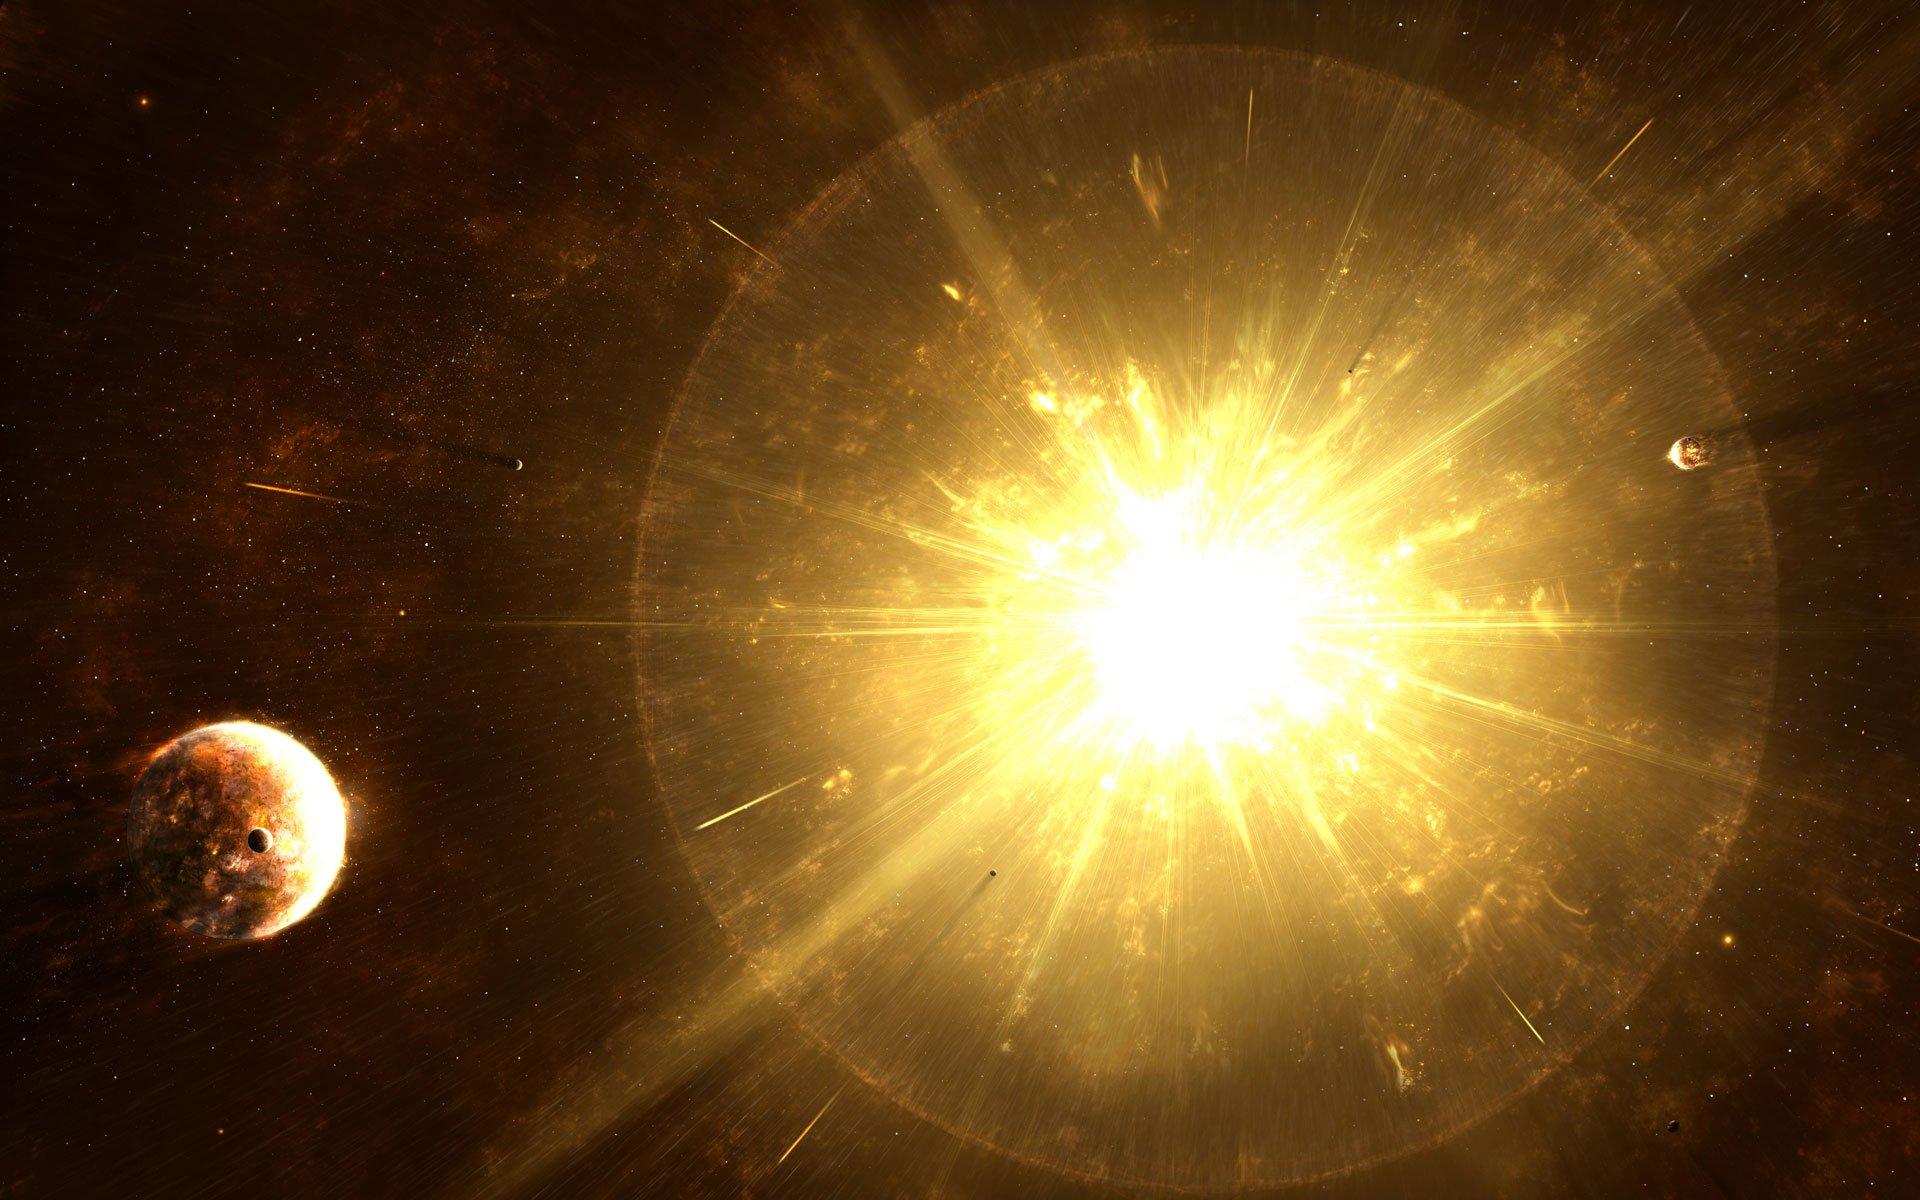 одна солнечная система во вселенной фото разберемся утеплительными материалами